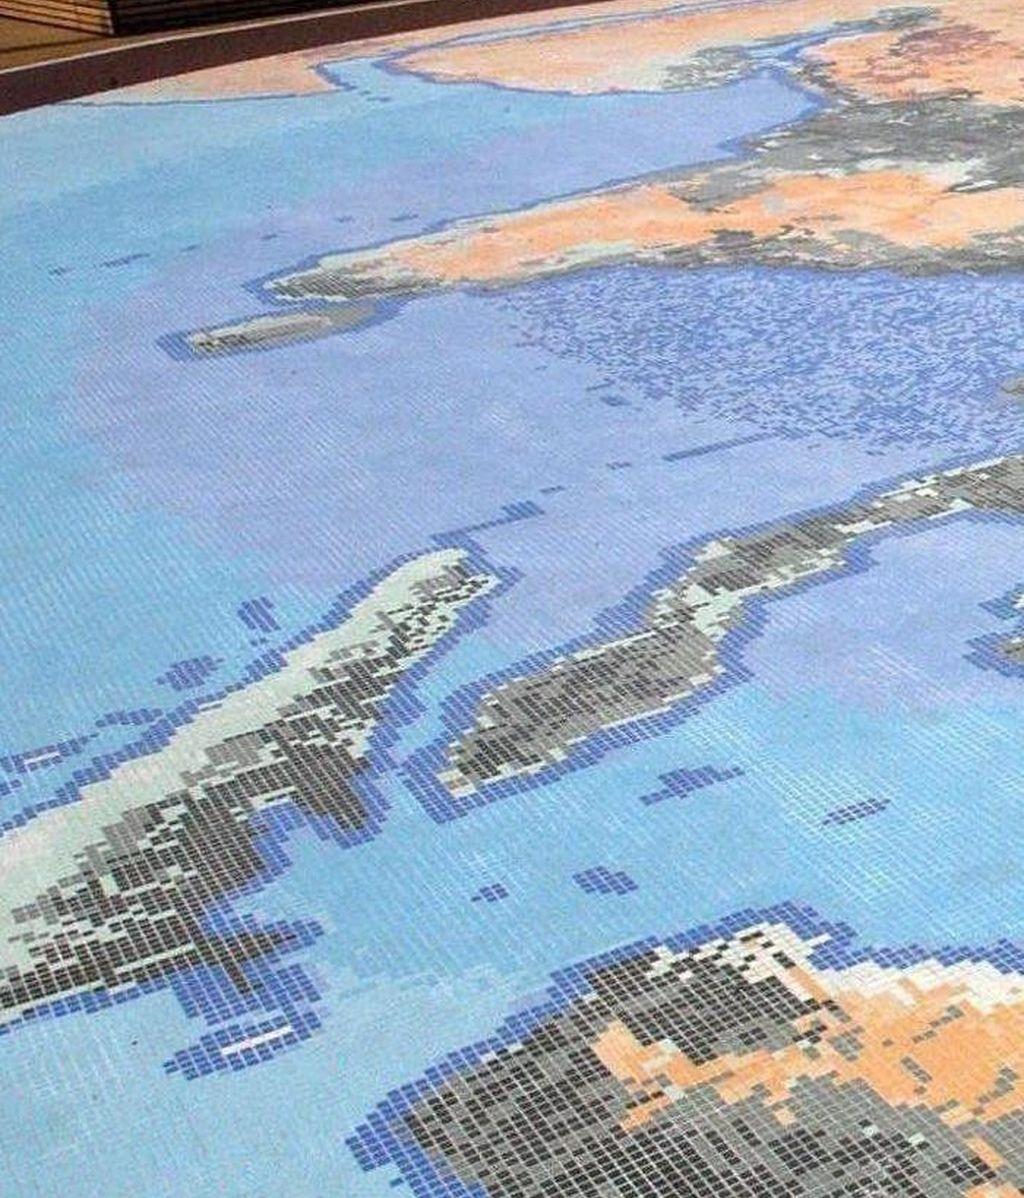 Un mapa de la Tierra en una zona al aire libre de la Exposición Universal de Aichi 2005 en Aichi, Japón.EFE/Archivo